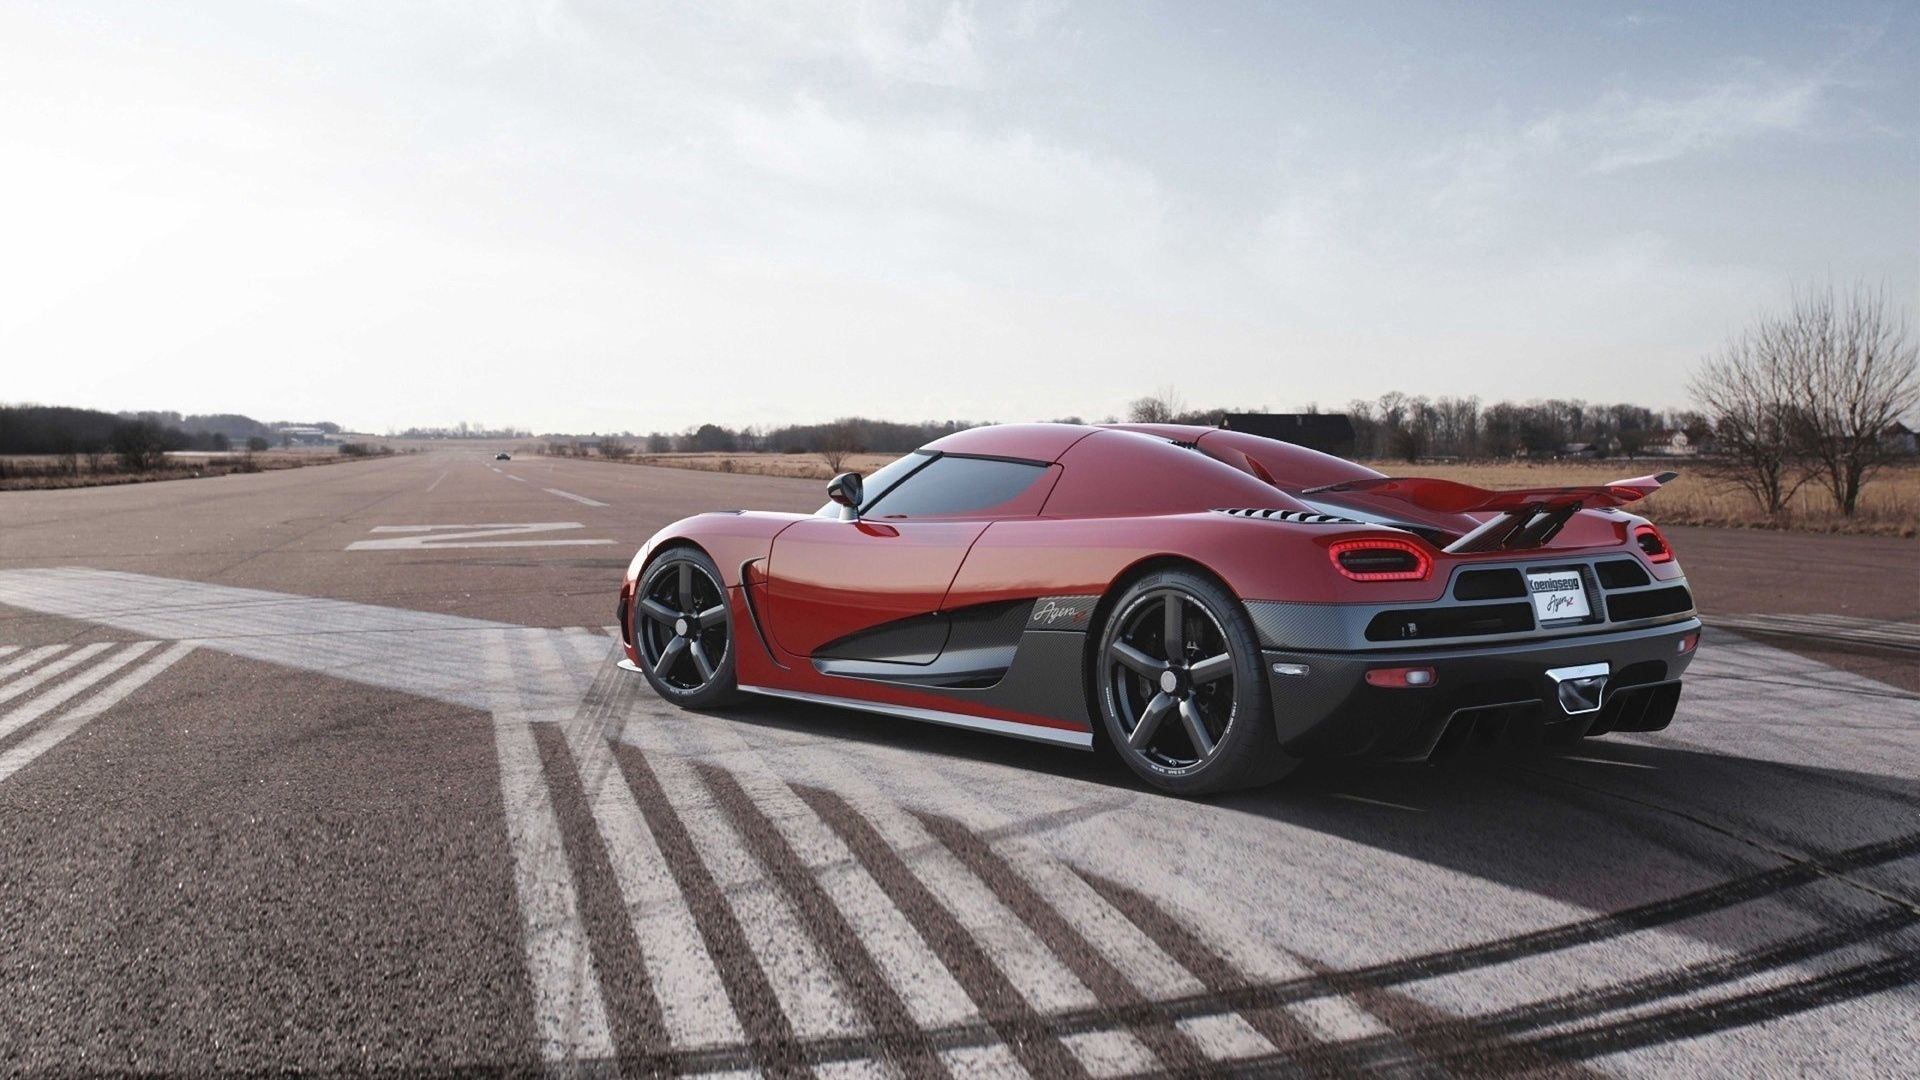 85377 завантажити шпалери Koenigsegg, Тачки, Agera R, Айера Р, Авто 2013 - заставки і картинки безкоштовно